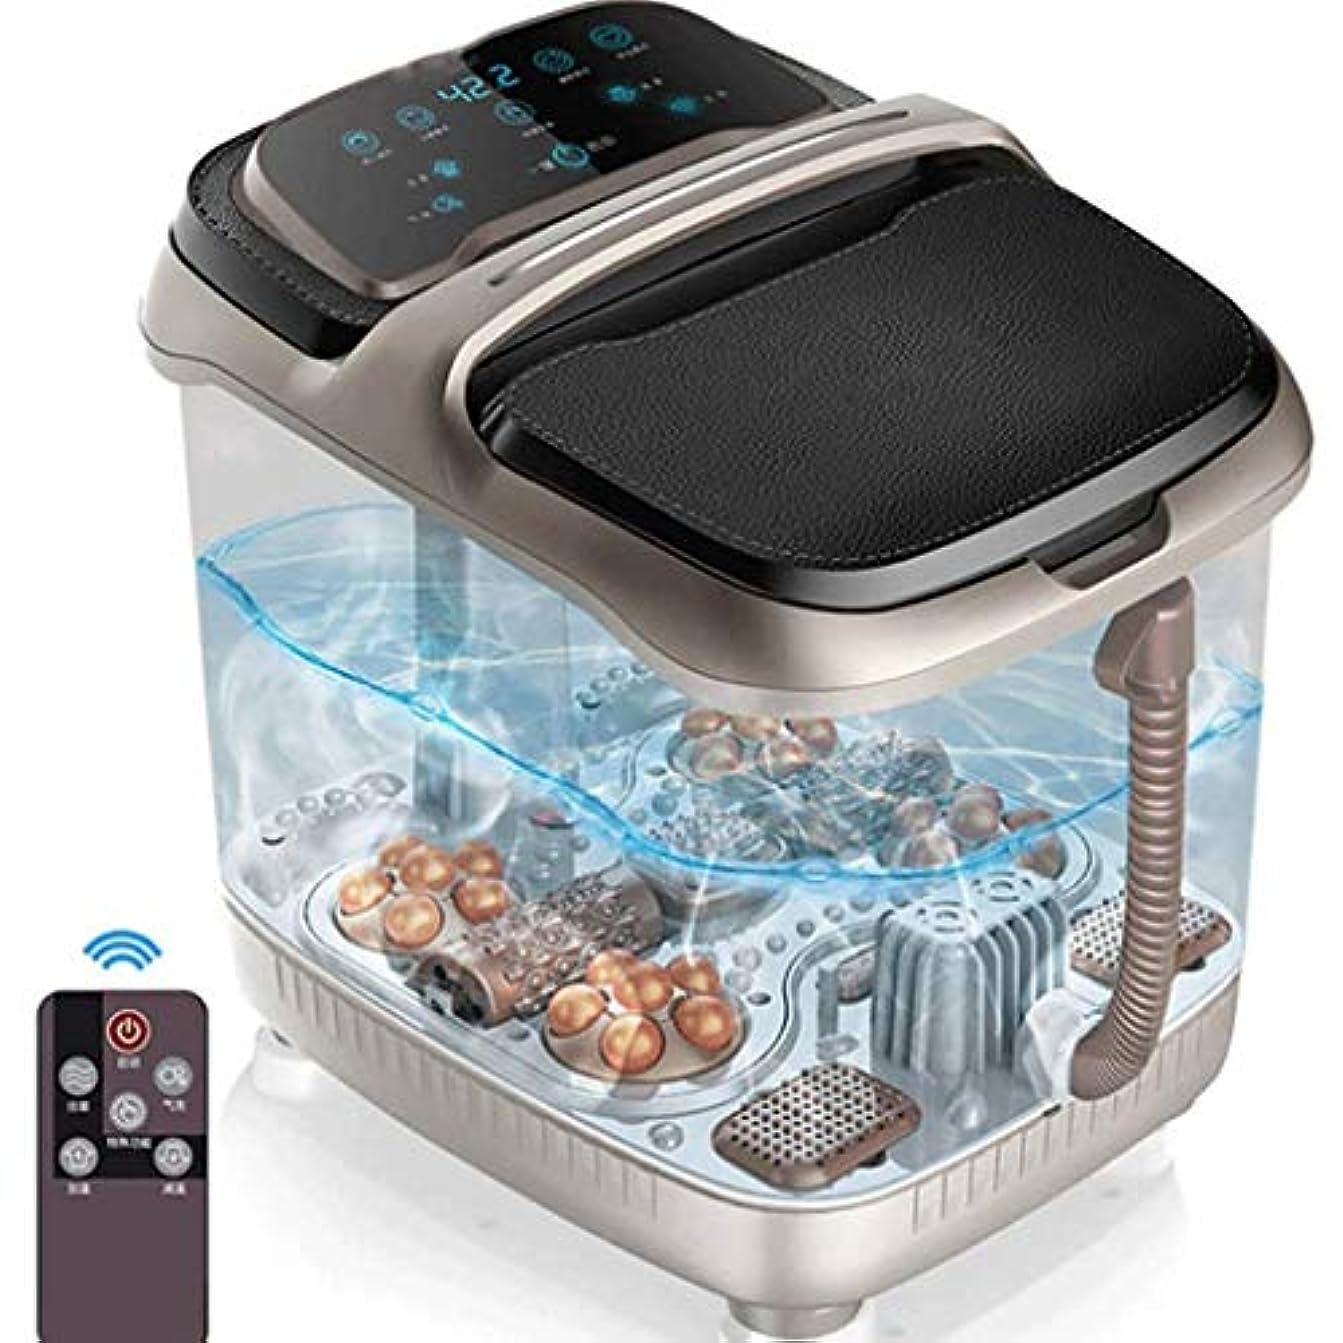 盲信者好意的LEIGE Foot Spa Massager - スーパーファストヒーティングシステム、4つの電動マッサージローラー、ささやく静かな、リモートコントロール付き浴槽